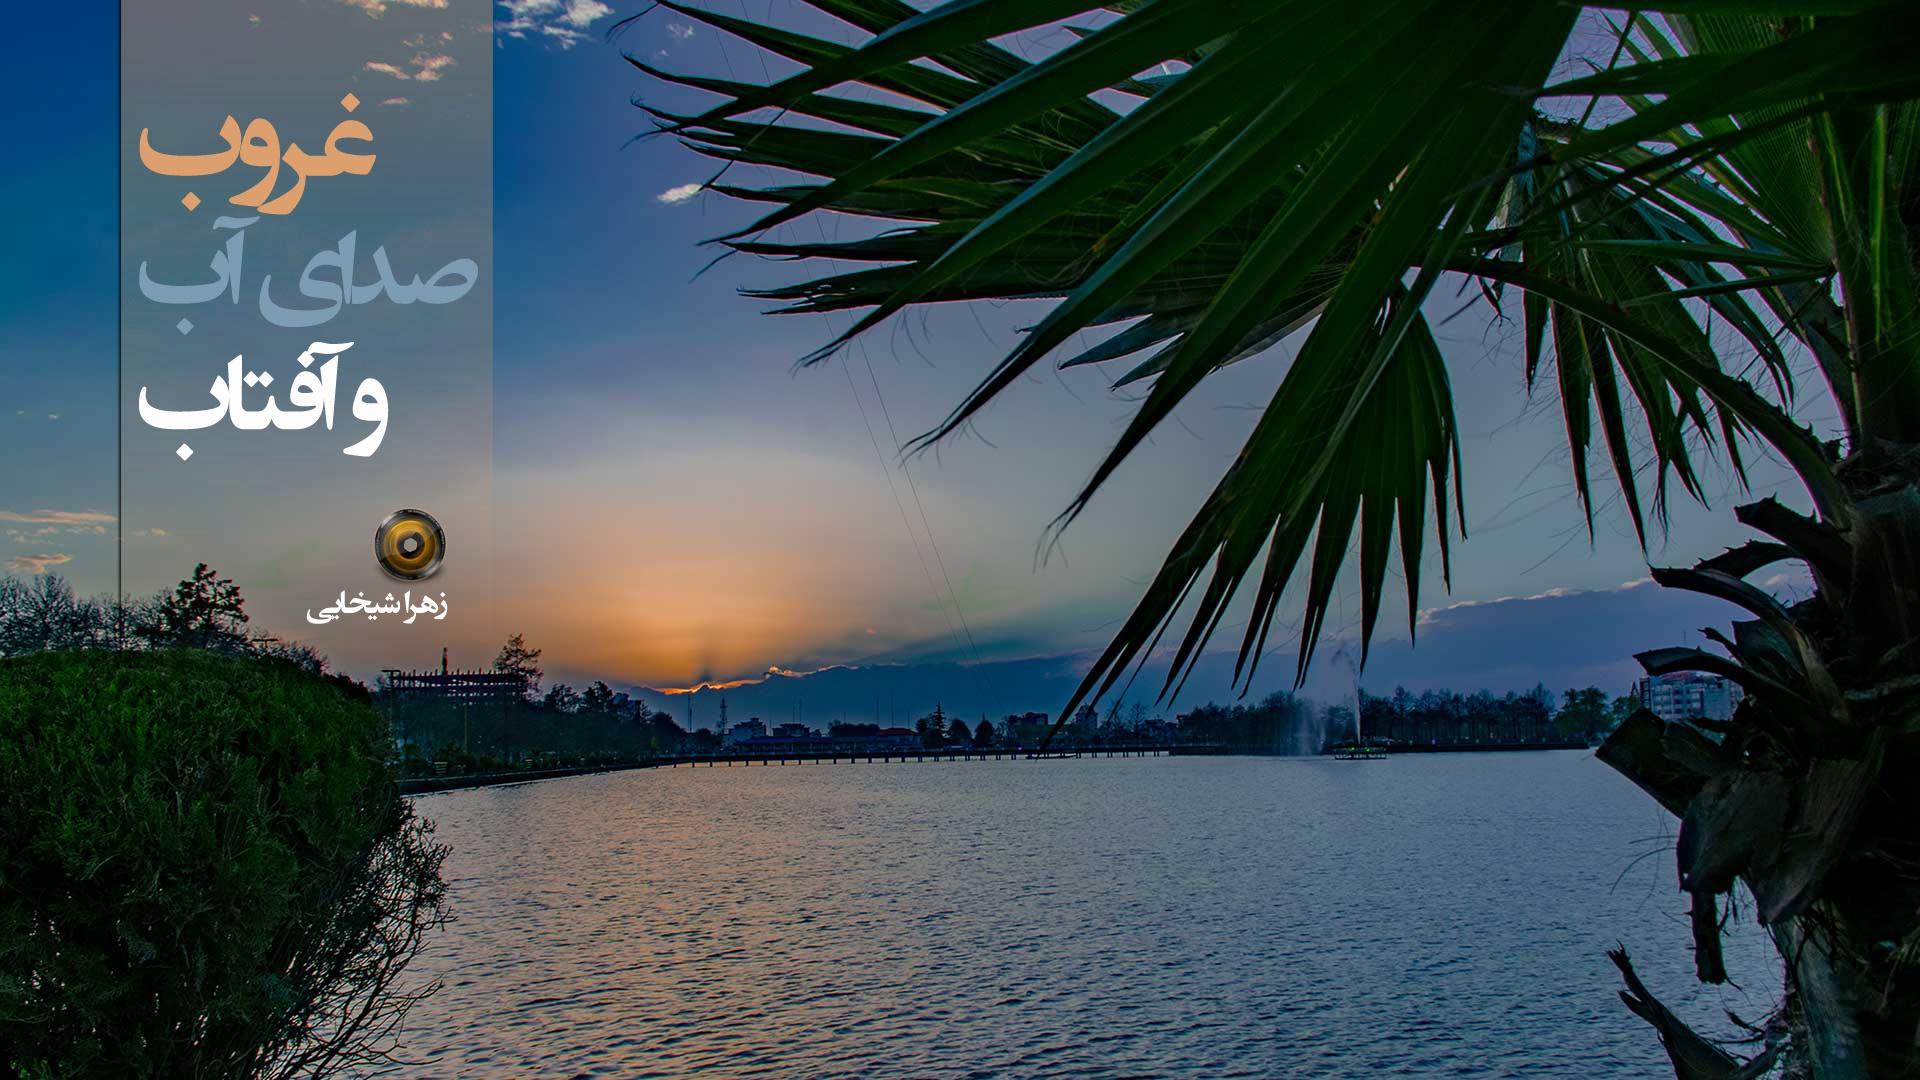 تصویر | غروب؛ صدای آب و آفتاب